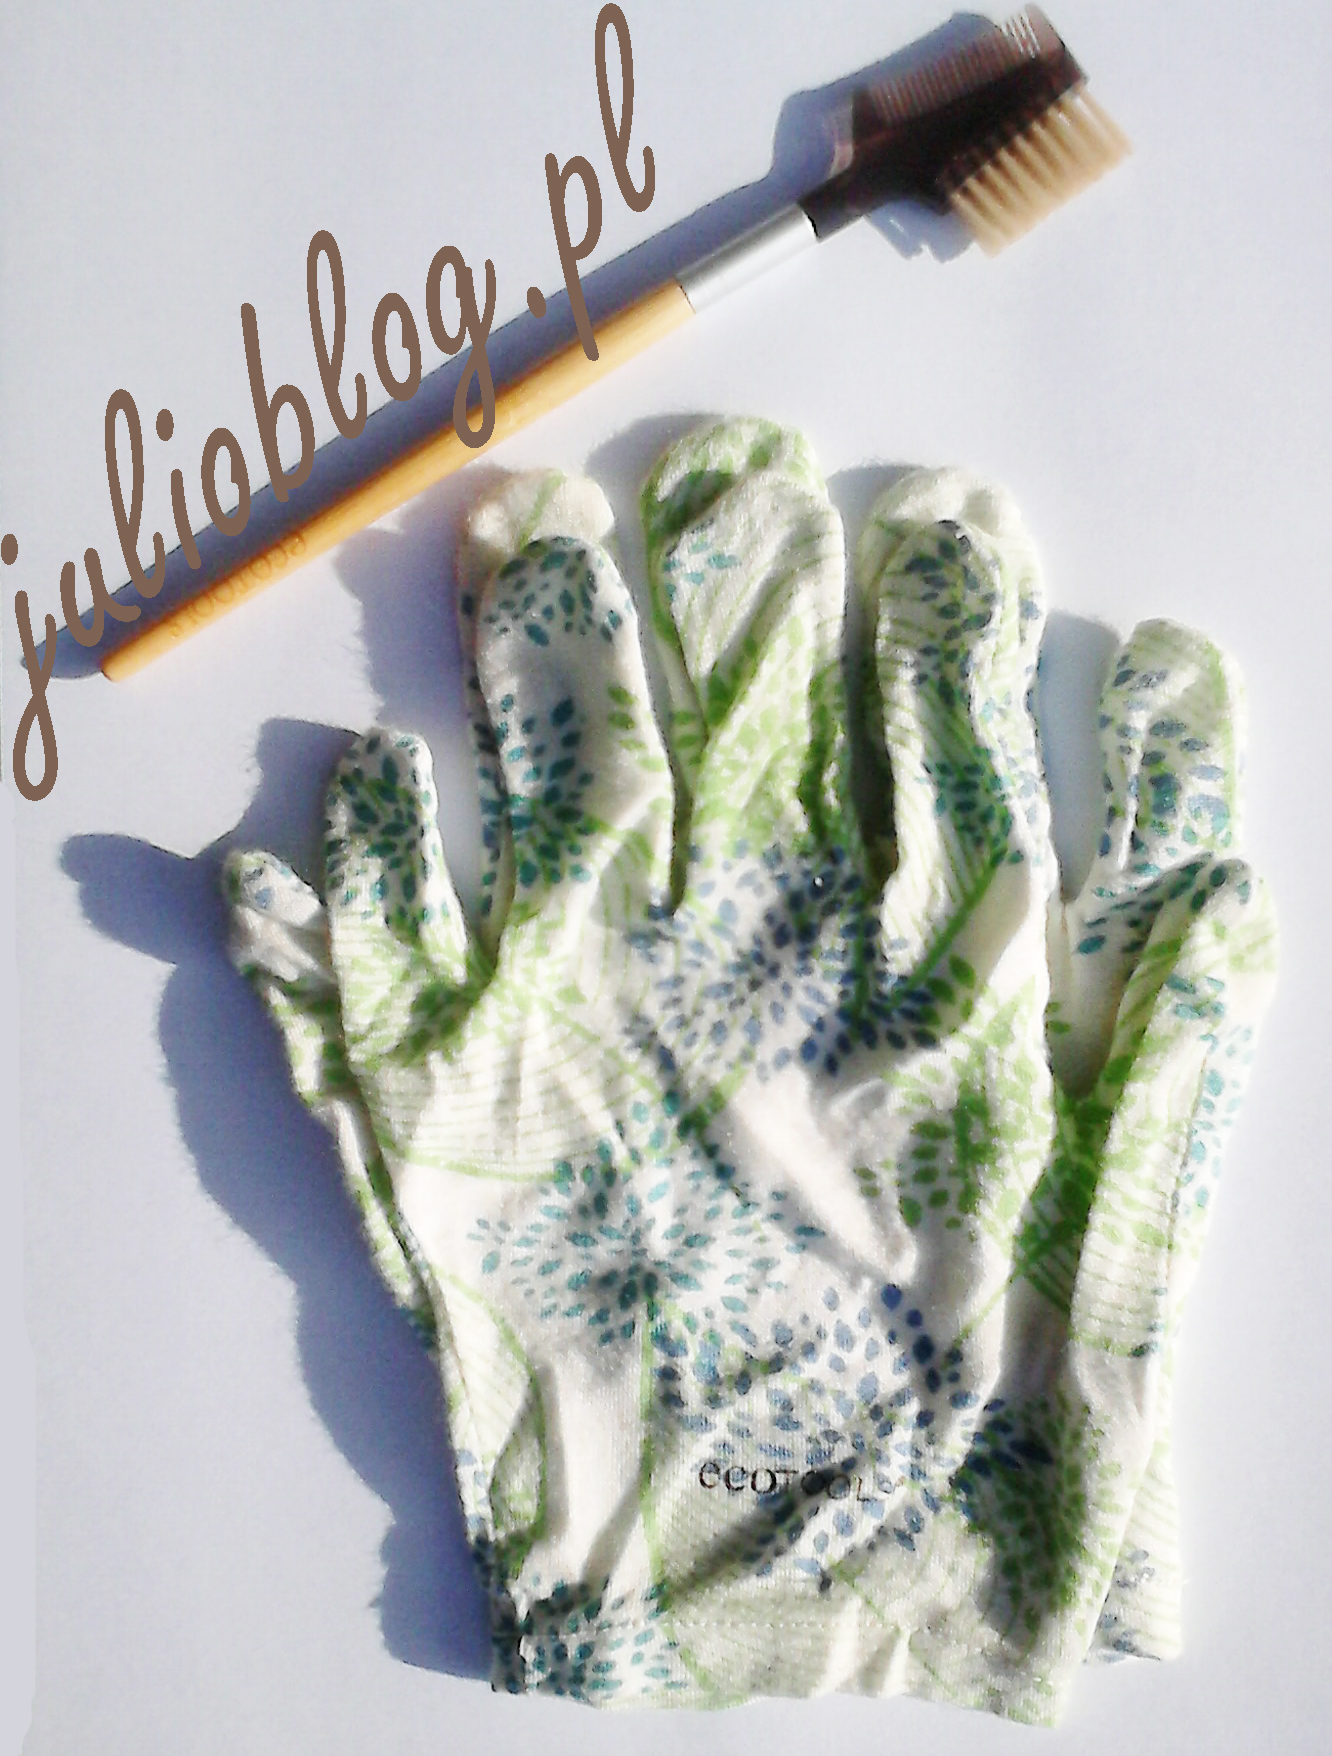 Bambusowa szczoteczka do rzęs i brwi Bamboo Lash and Brow Groomer Ecotools w starej wersji z aluminiowym okuciem, oraz Rękawiczki do pielęgnacji dłoni SPA Moisture Gloves Ecotools. Rękawiczki pielęgnacyjne Ecotools SPA Moisture Gloves, Bambusowe rękawiczki pielęgnacyjne. Założone do snu skutecznie poprawiają działanie kremów i balsamów nawilżających, oraz przynoszą ukojenie zmęczonym dłoniom. Bambusowa szczoteczka do rzęs i brwi Bamboo Lash and Brow Groomer Ecotools. Brwi i rzęsy pod Twoją pełną kontrolą? Teraz to możliwe z bambusową szczoteczką do brwi i rzęs EcoTools! Syntetyczne włosie daje pewność, że nie użyto przemocy wobec zwierząt oraz pozwala wzmocnić i podkreślić linię brwi. Natomiast grzebyczek nada rzęsom naturalny i piękny wygląd. Dodatkowo okucia wykonane z aluminium odzyskanego z recyklingu oraz funkcjonalne etui to ekologia w najlepszym stylu.